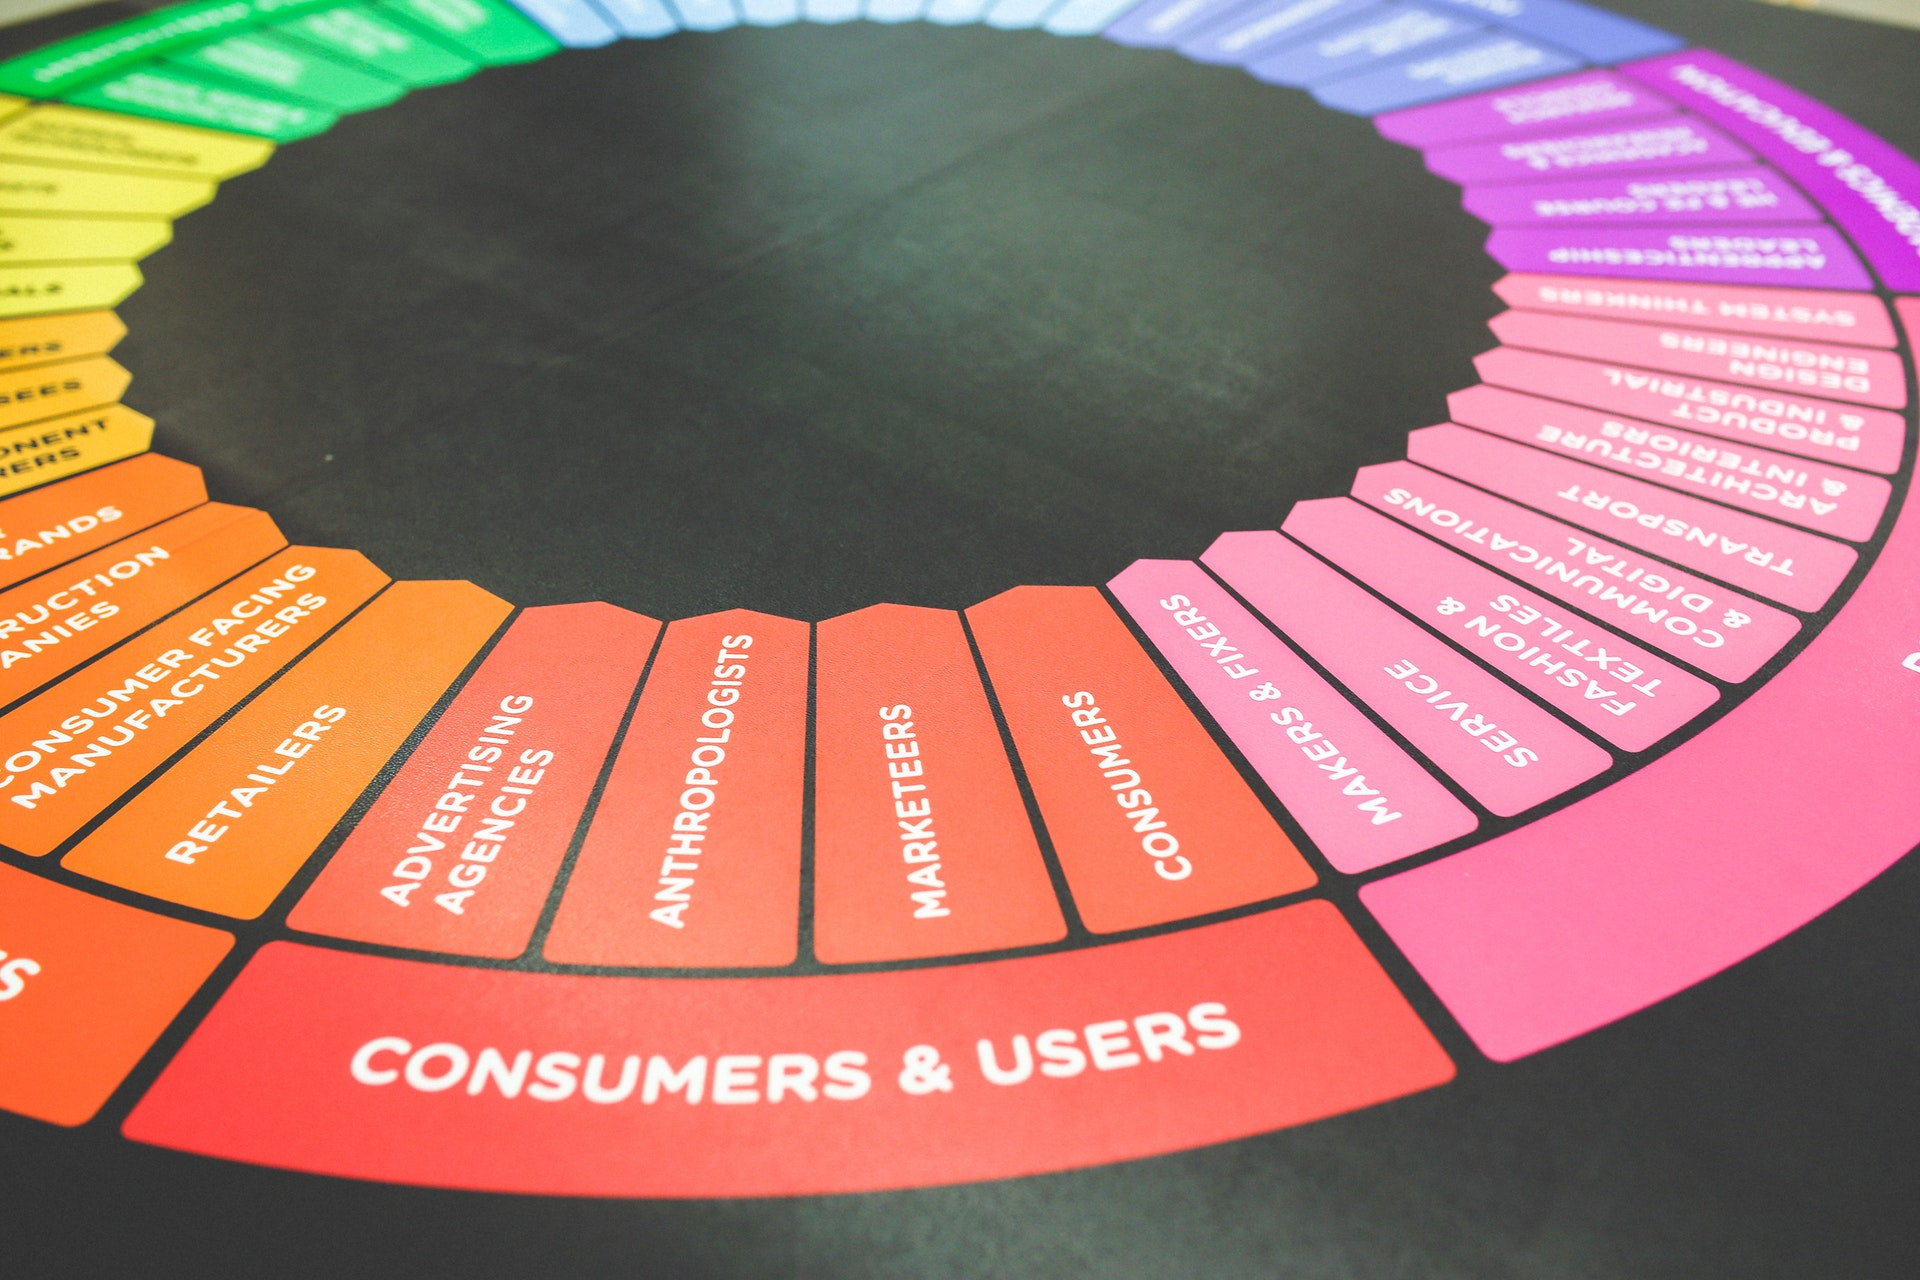 hedef pazarı oluşturan müşterileri sınıflandırmak